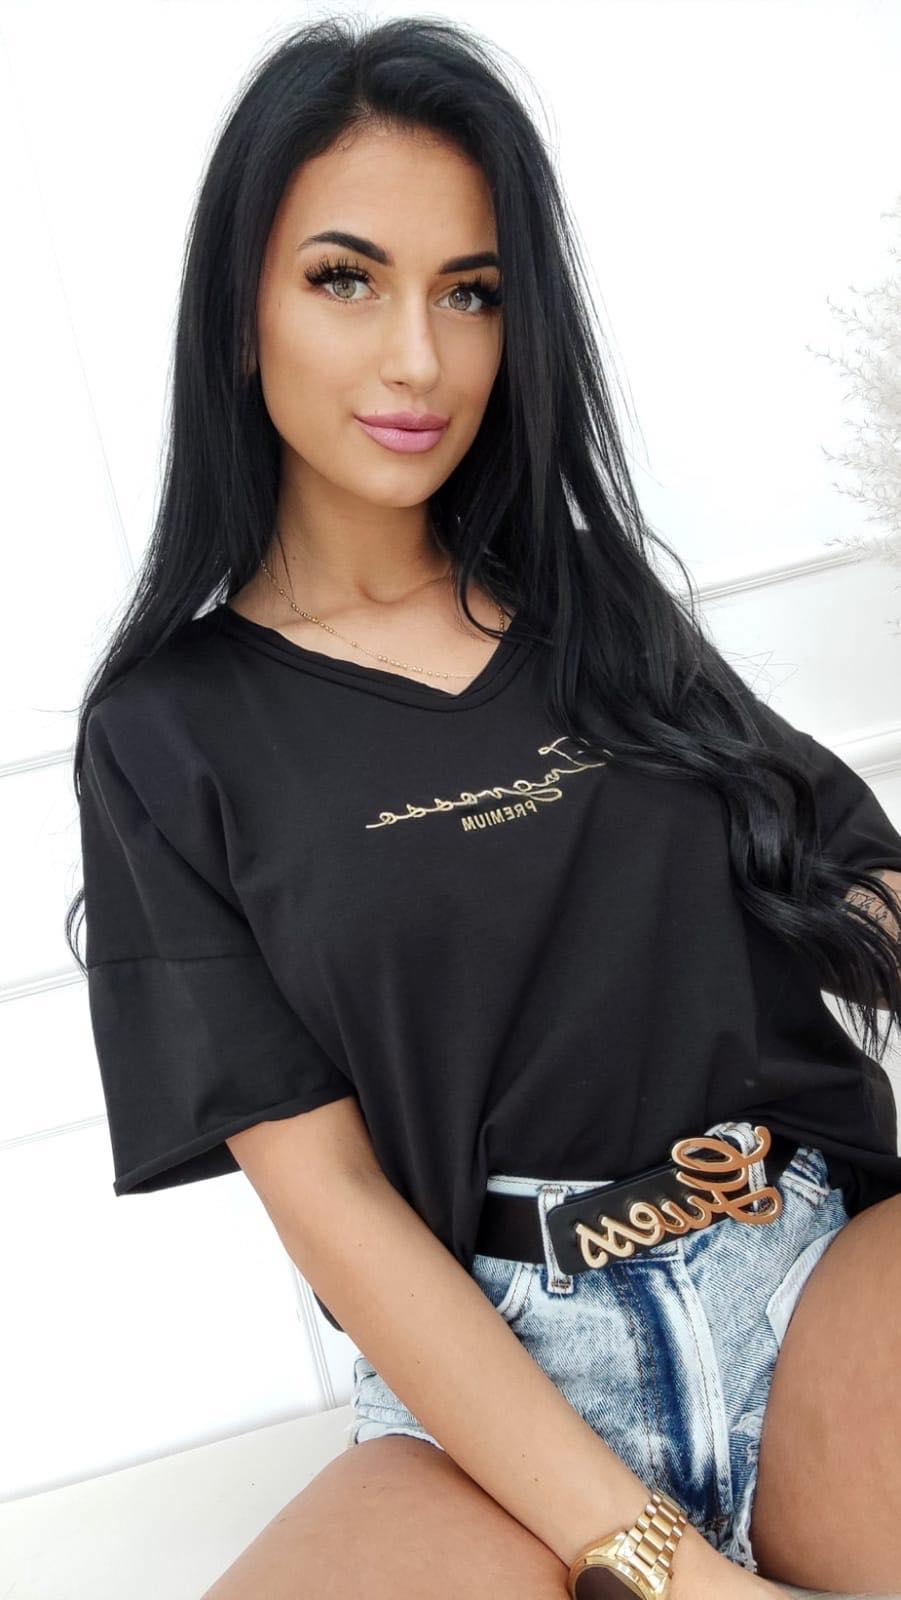 koszulka t-shirt duze rozmiary haft ingrosso czarna